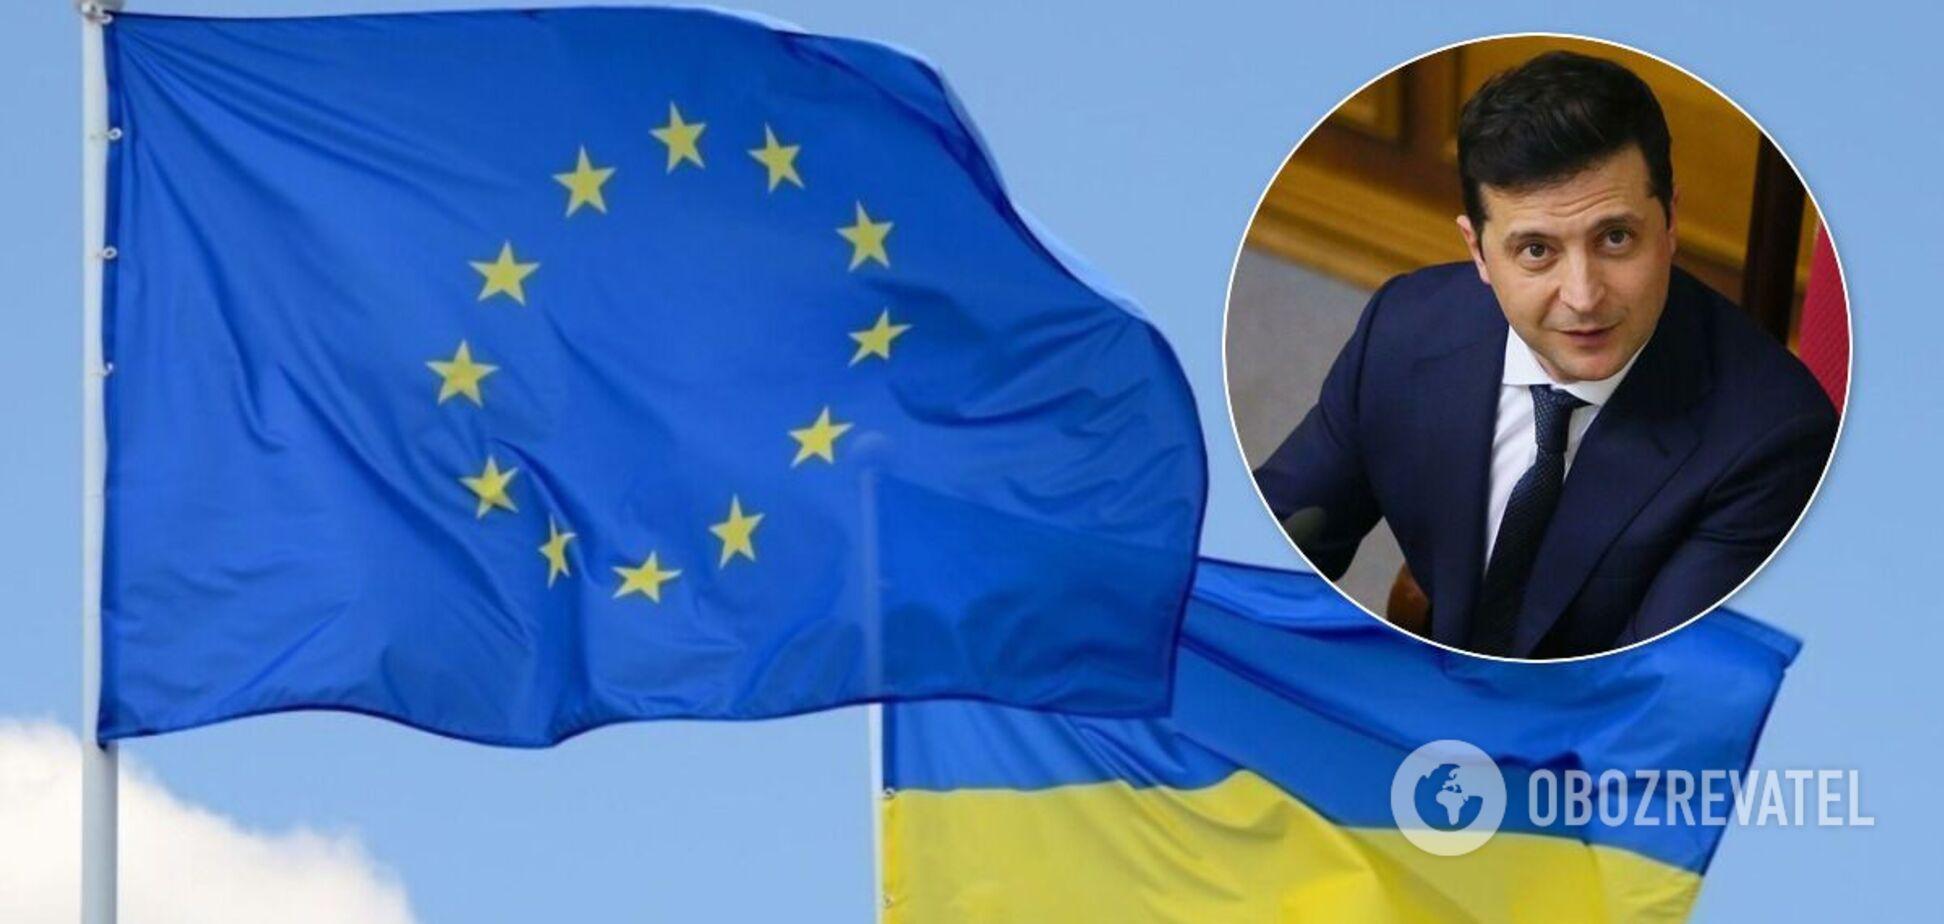 Зеленскому пообещали скорейшее предоставление 600 млн евро